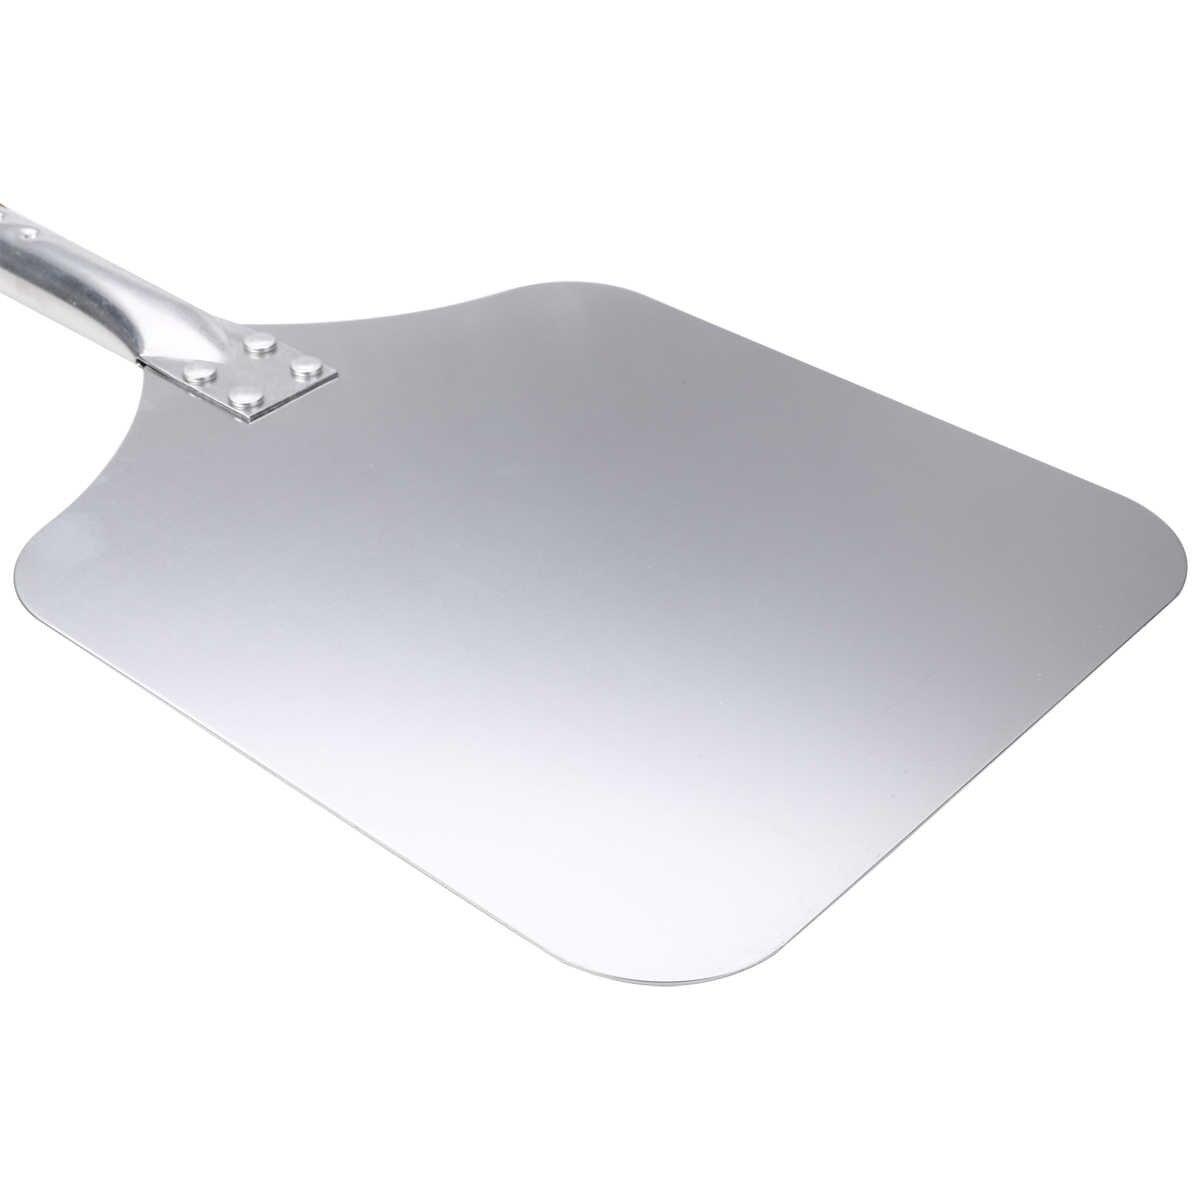 58cm ahşap alüminyum Pizza kabuğu kare mutfak Pizza kaldırma kürek Pizza kek Turner Spatula mutfak pişirme pasta araçları